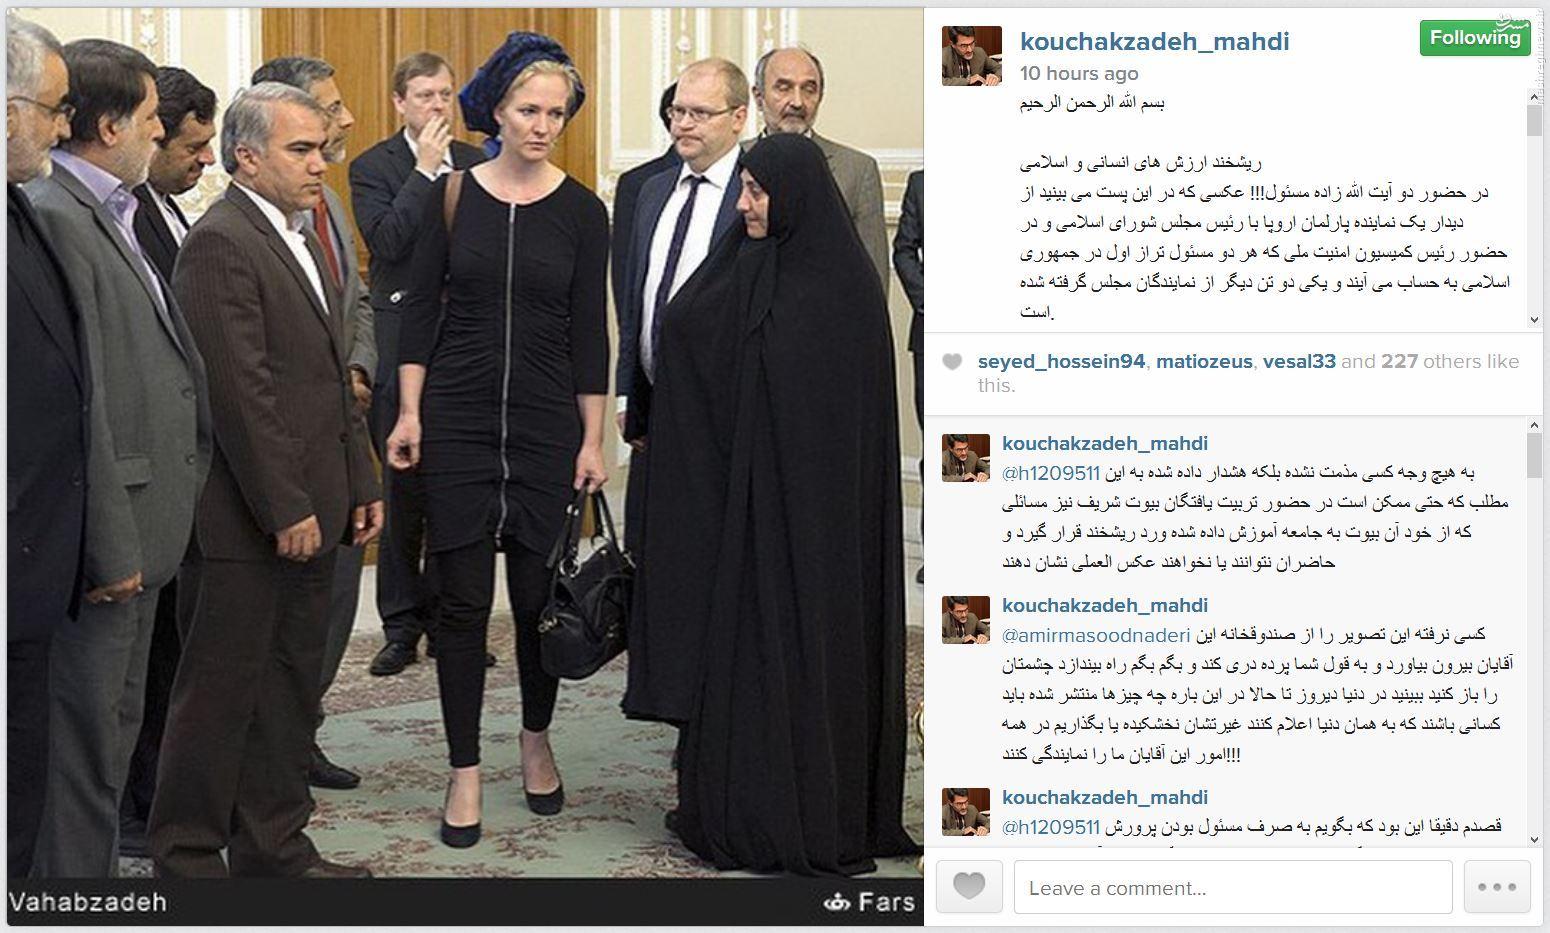 انتقاد کوچکزاده از حجاب میهمان لاریجانی+عکس